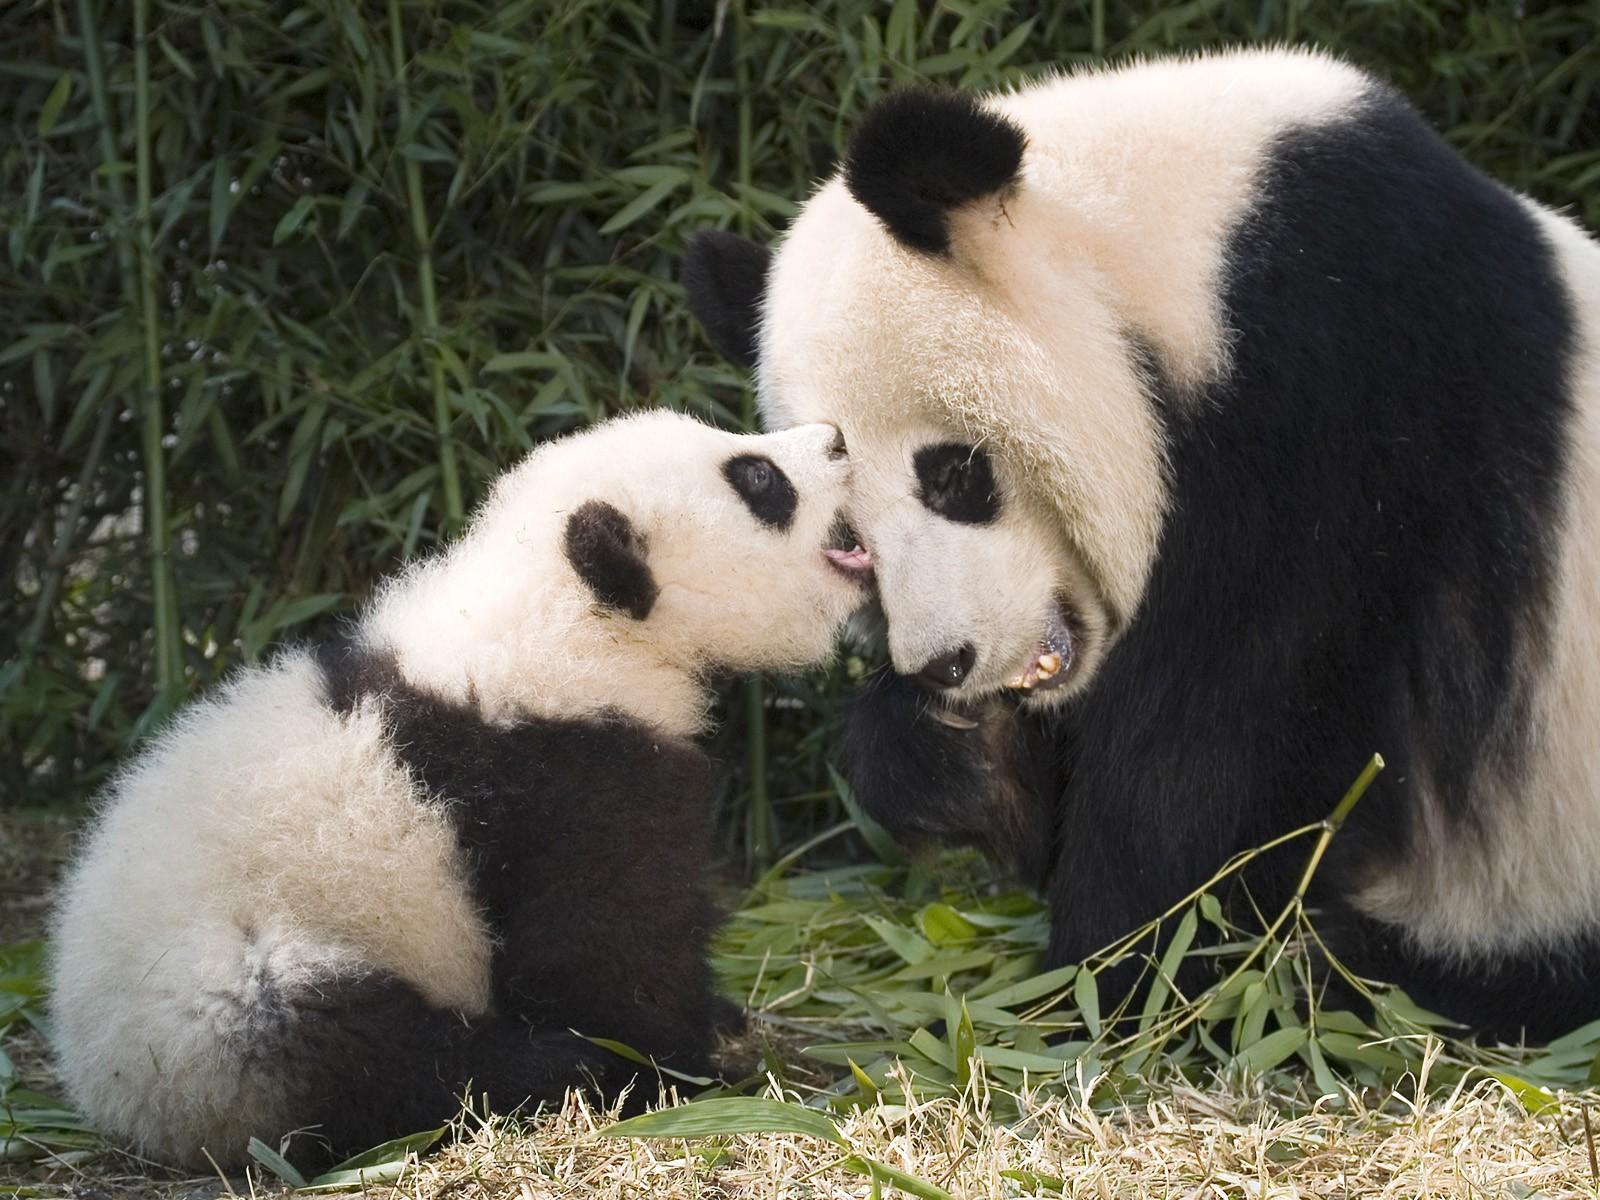 Скачать обои для рабочего стола панда